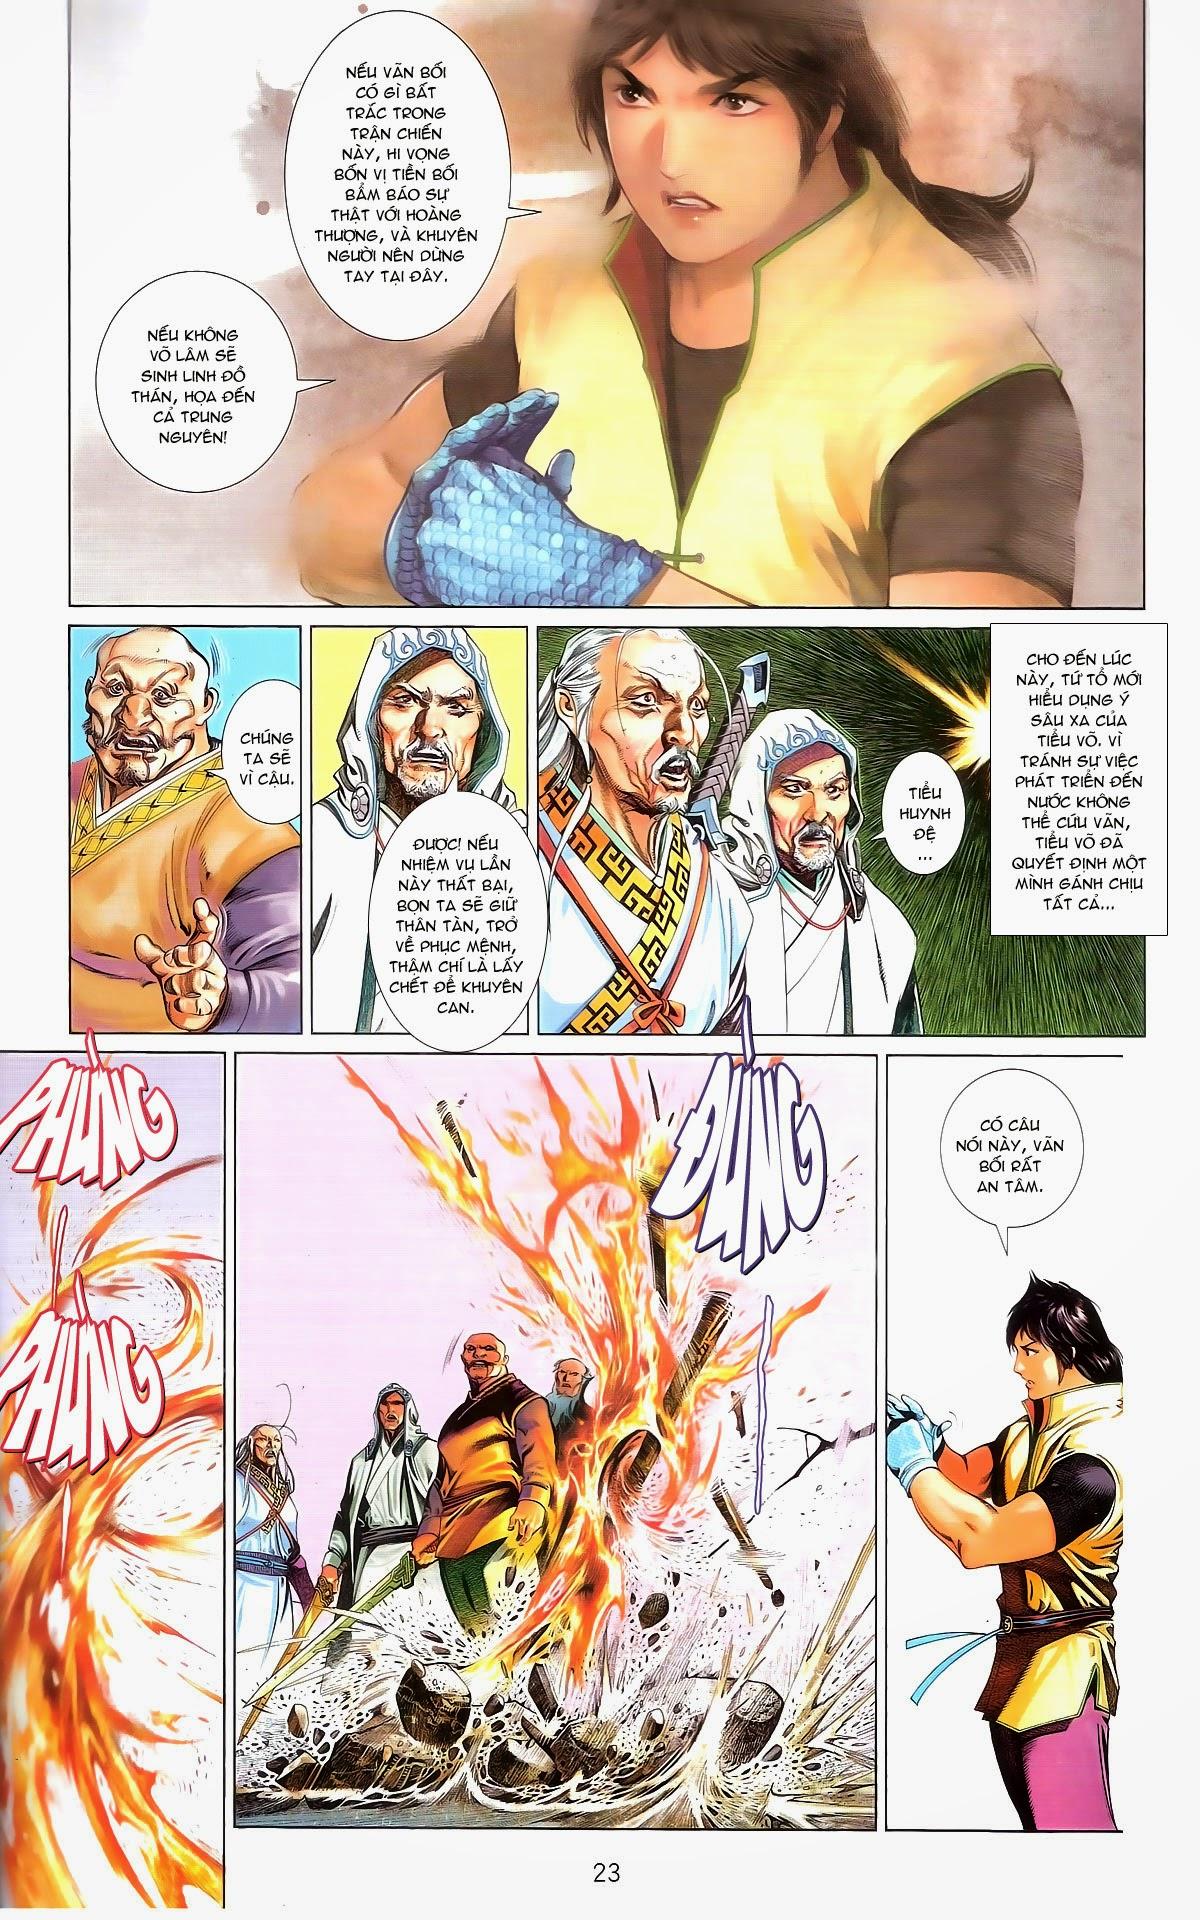 Phong Vân chap 674 – End Trang 25 - Mangak.info